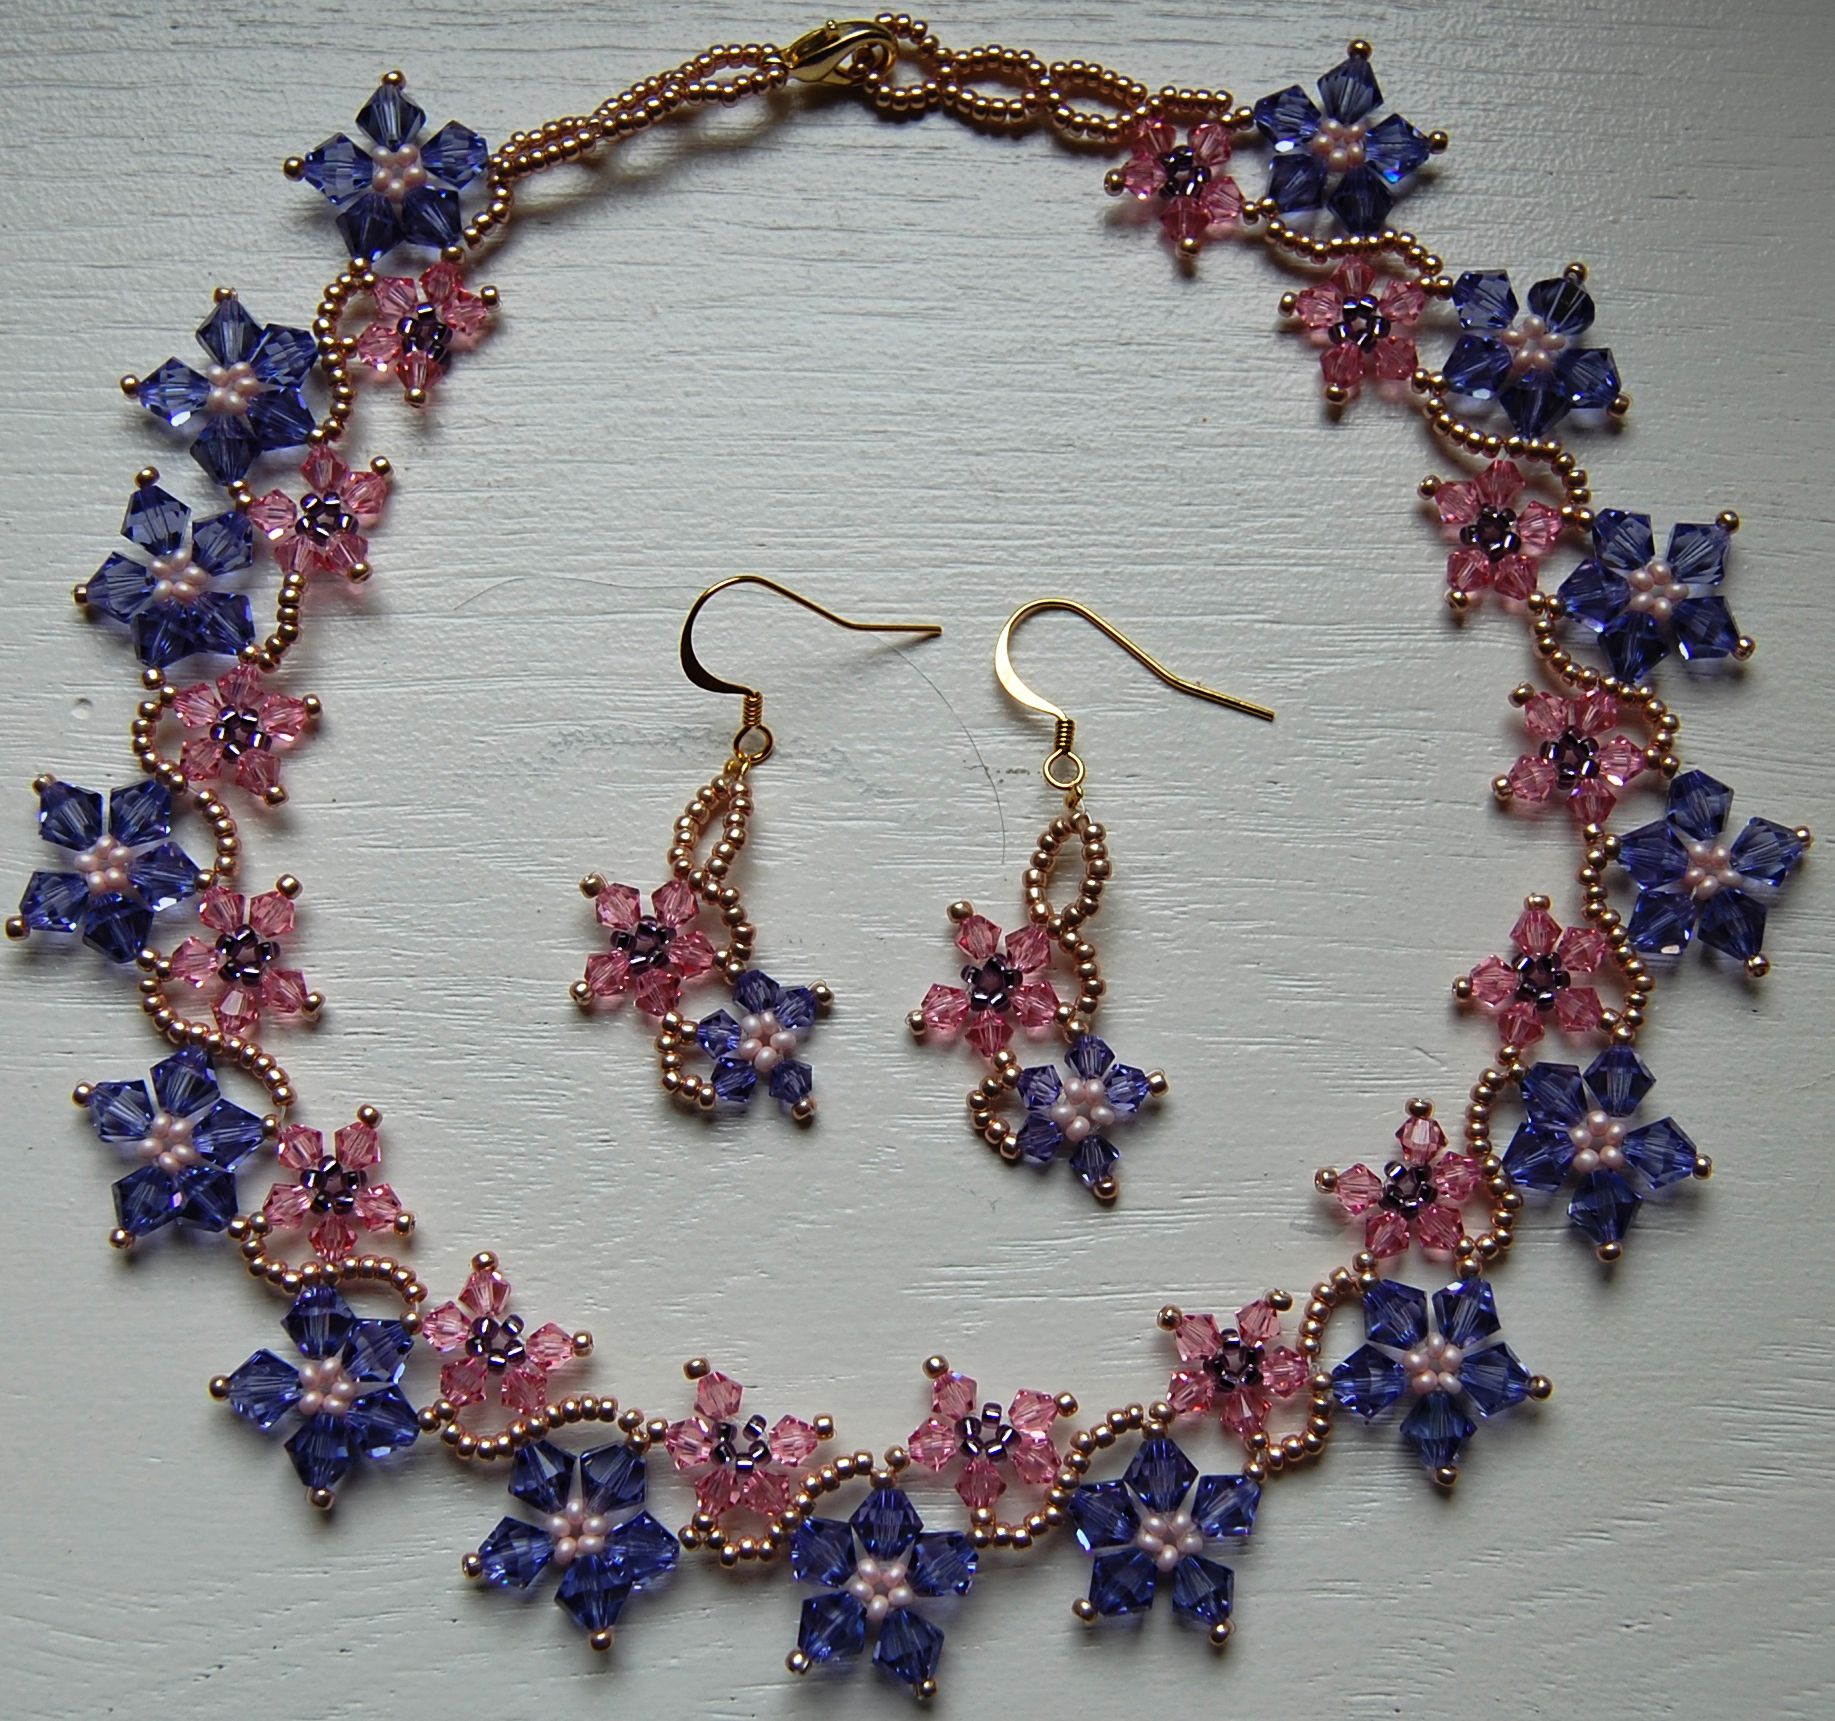 Collier de fleurs